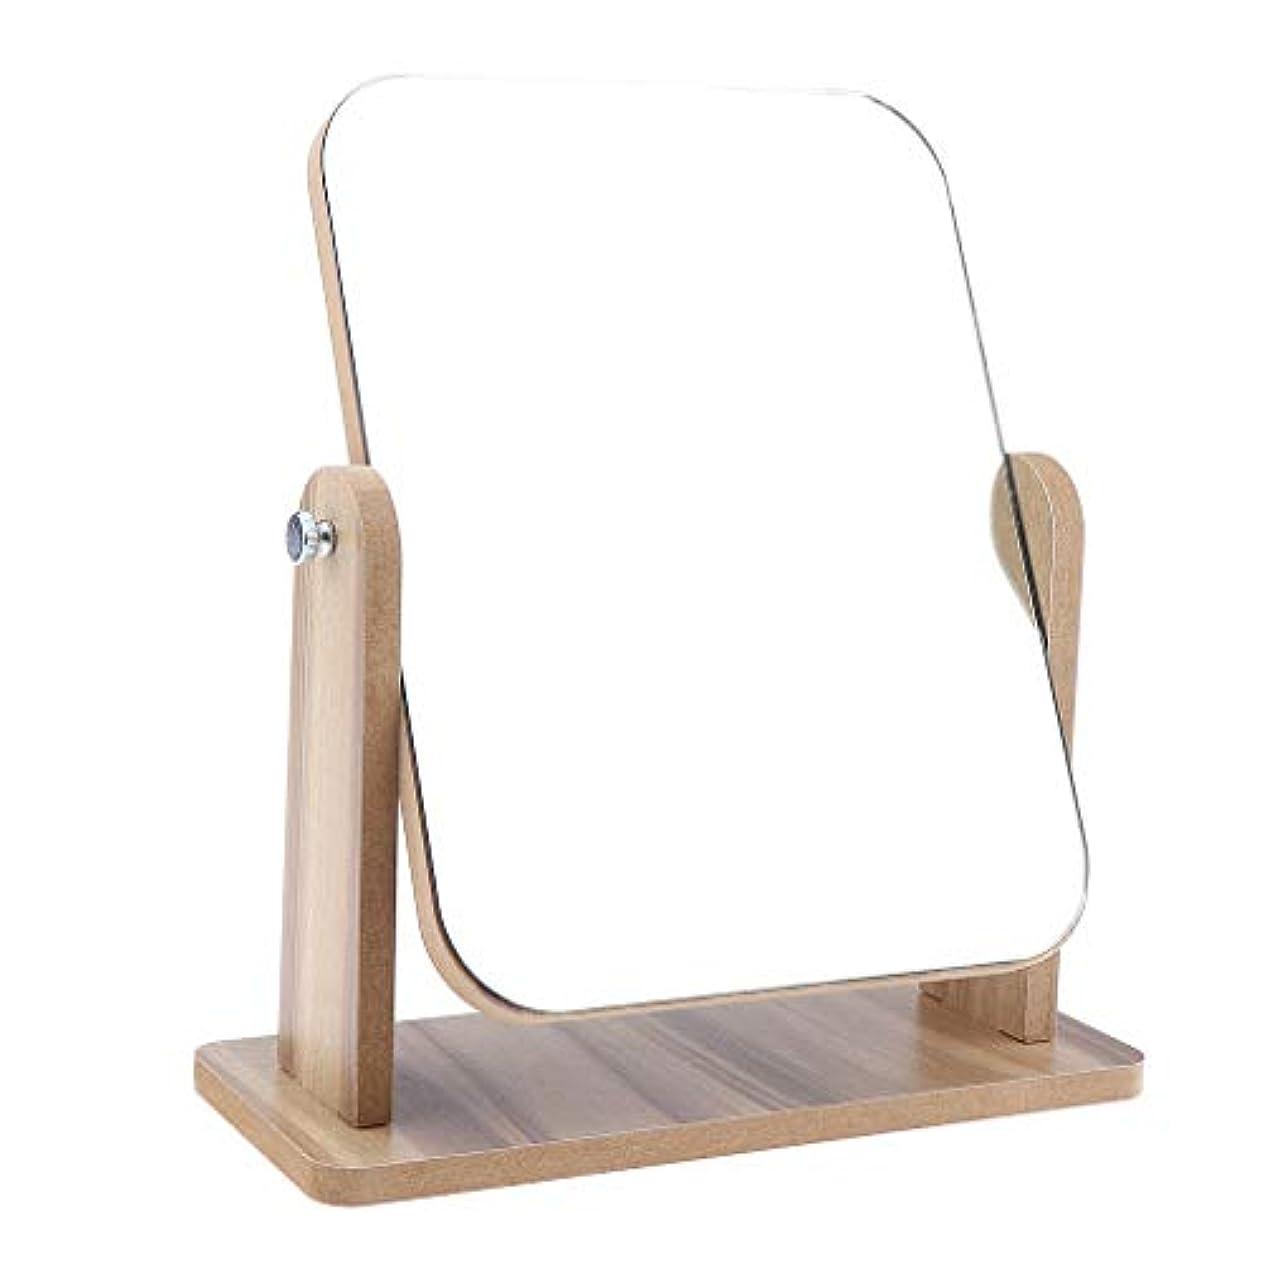 激怒どっち砲撃B Blesiya メイクアップミラー 化粧鏡 レトロ 卓上ミラー 木製ベース 旅行 2サイズ選べ - 22x17 cm